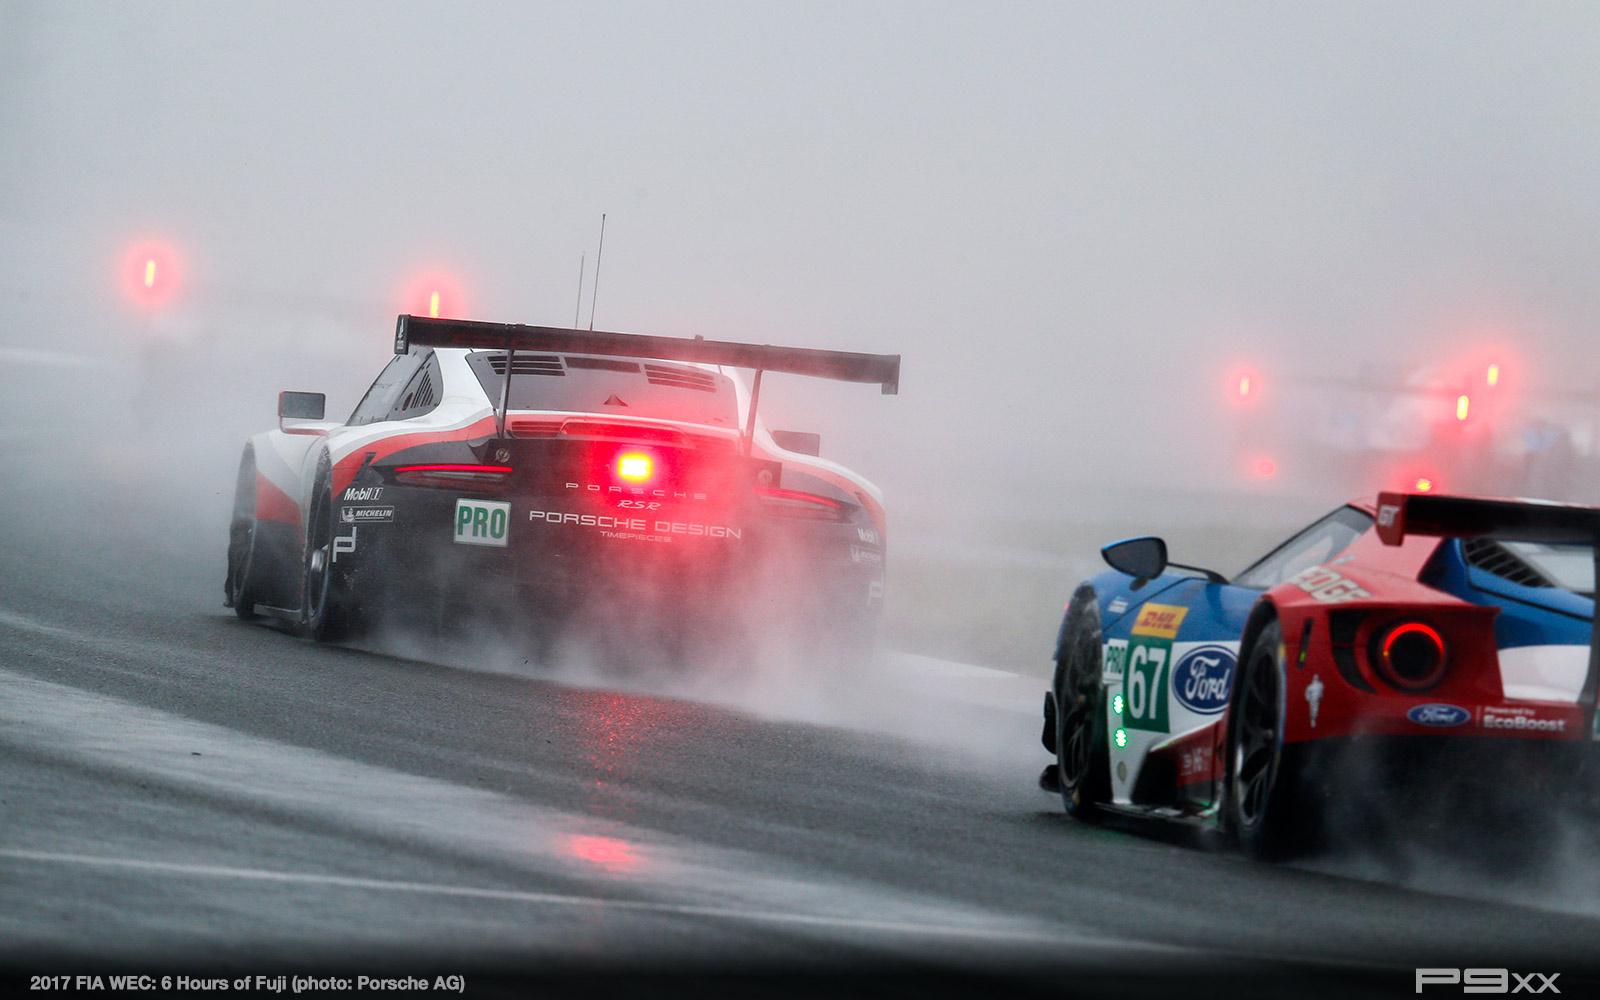 2017-FIA-WEC-6h-of-Fuji-Porsche-502